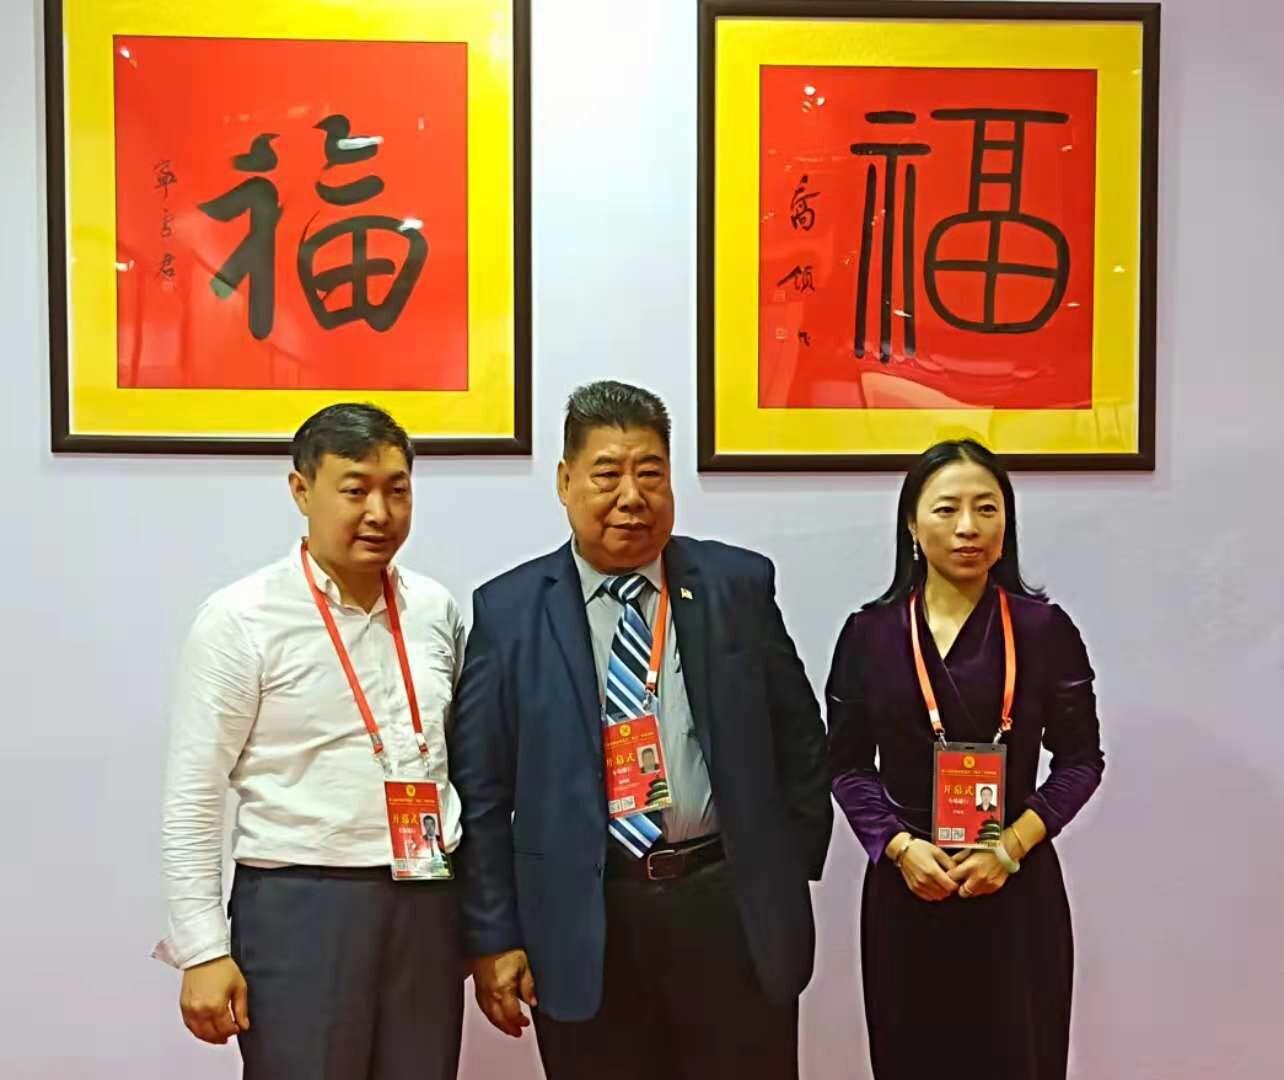 美国华人社团联合总会主席杨功德,远道而来,参观乔领、宁雪君国礼艺术作品展,并对两人的福字书法十分欣赏。